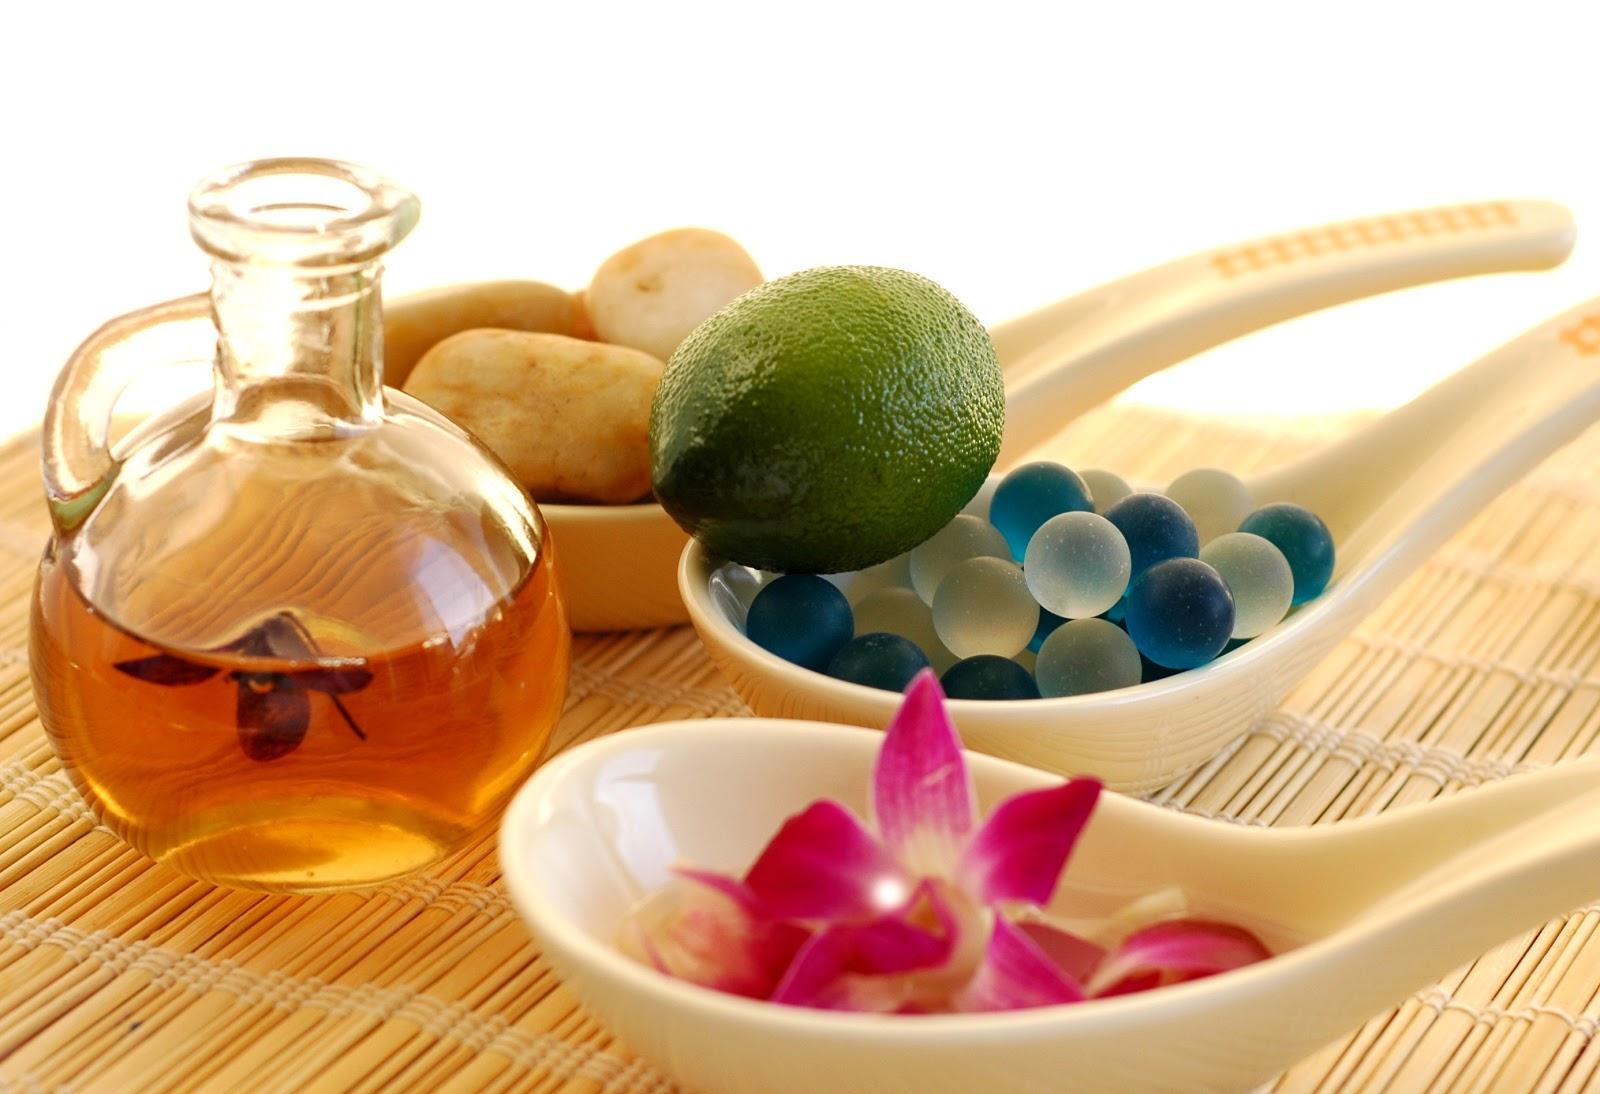 Minyak atsiri bisa digunakan untuk aromatheraphy. Foto: wikipedia